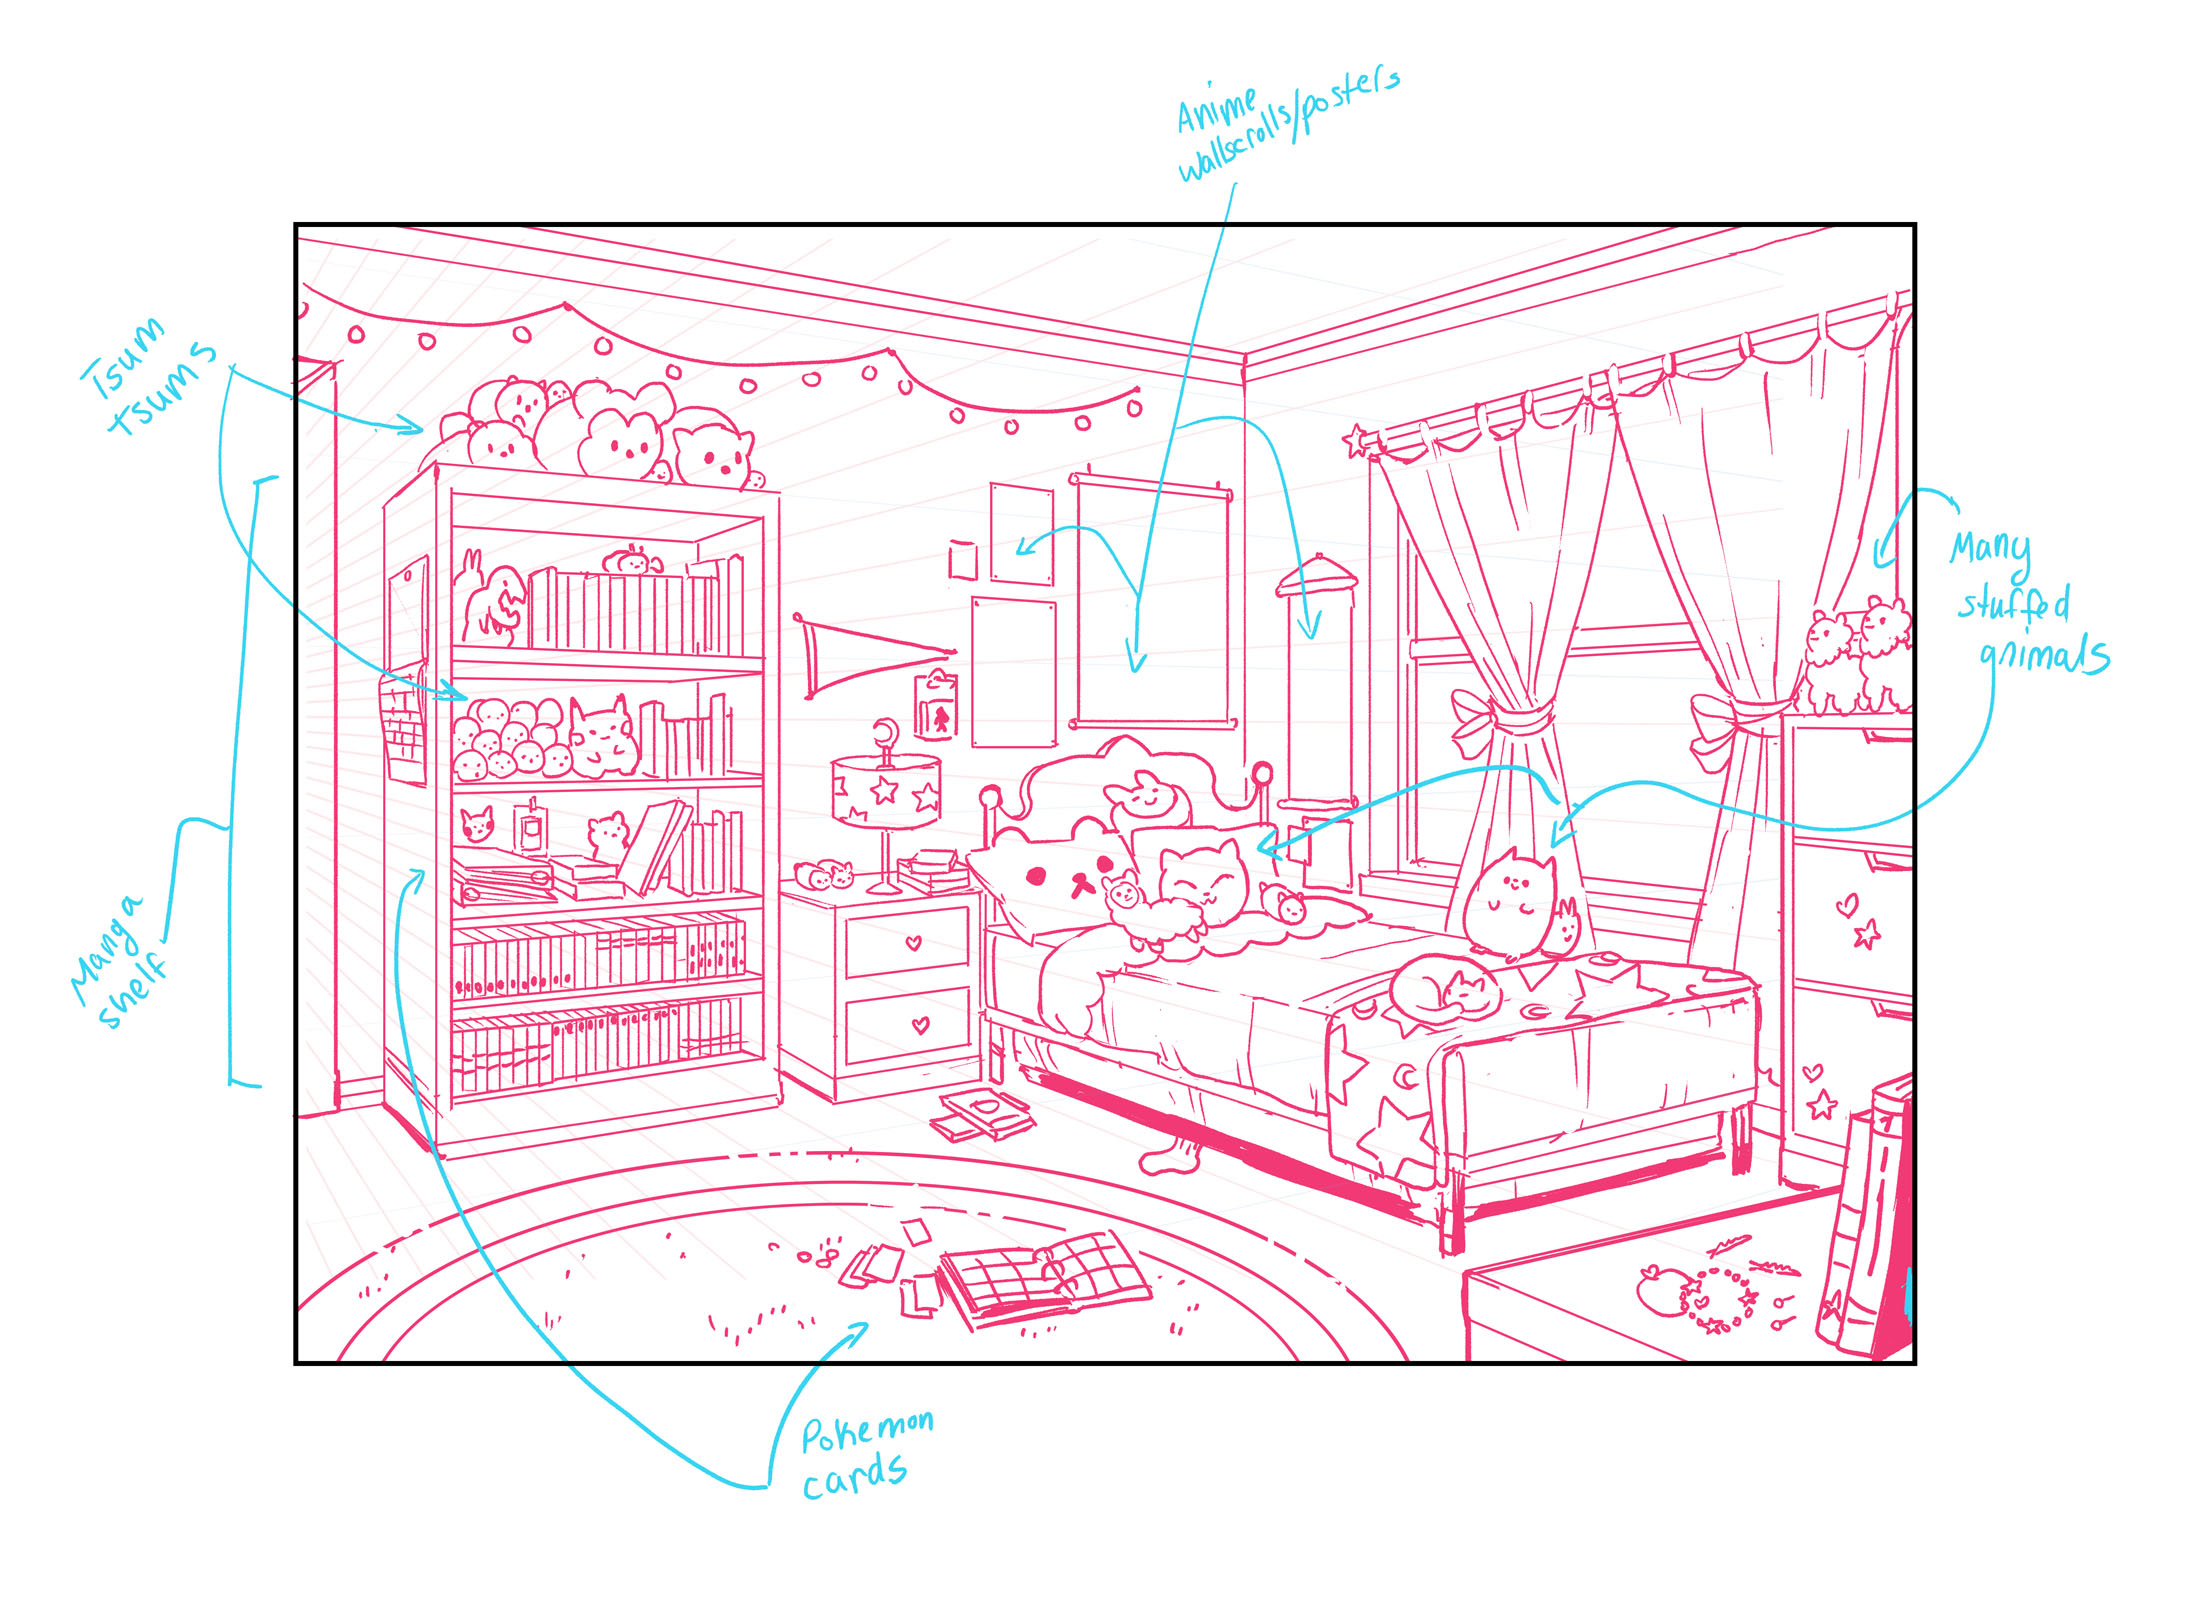 Molly's room design.